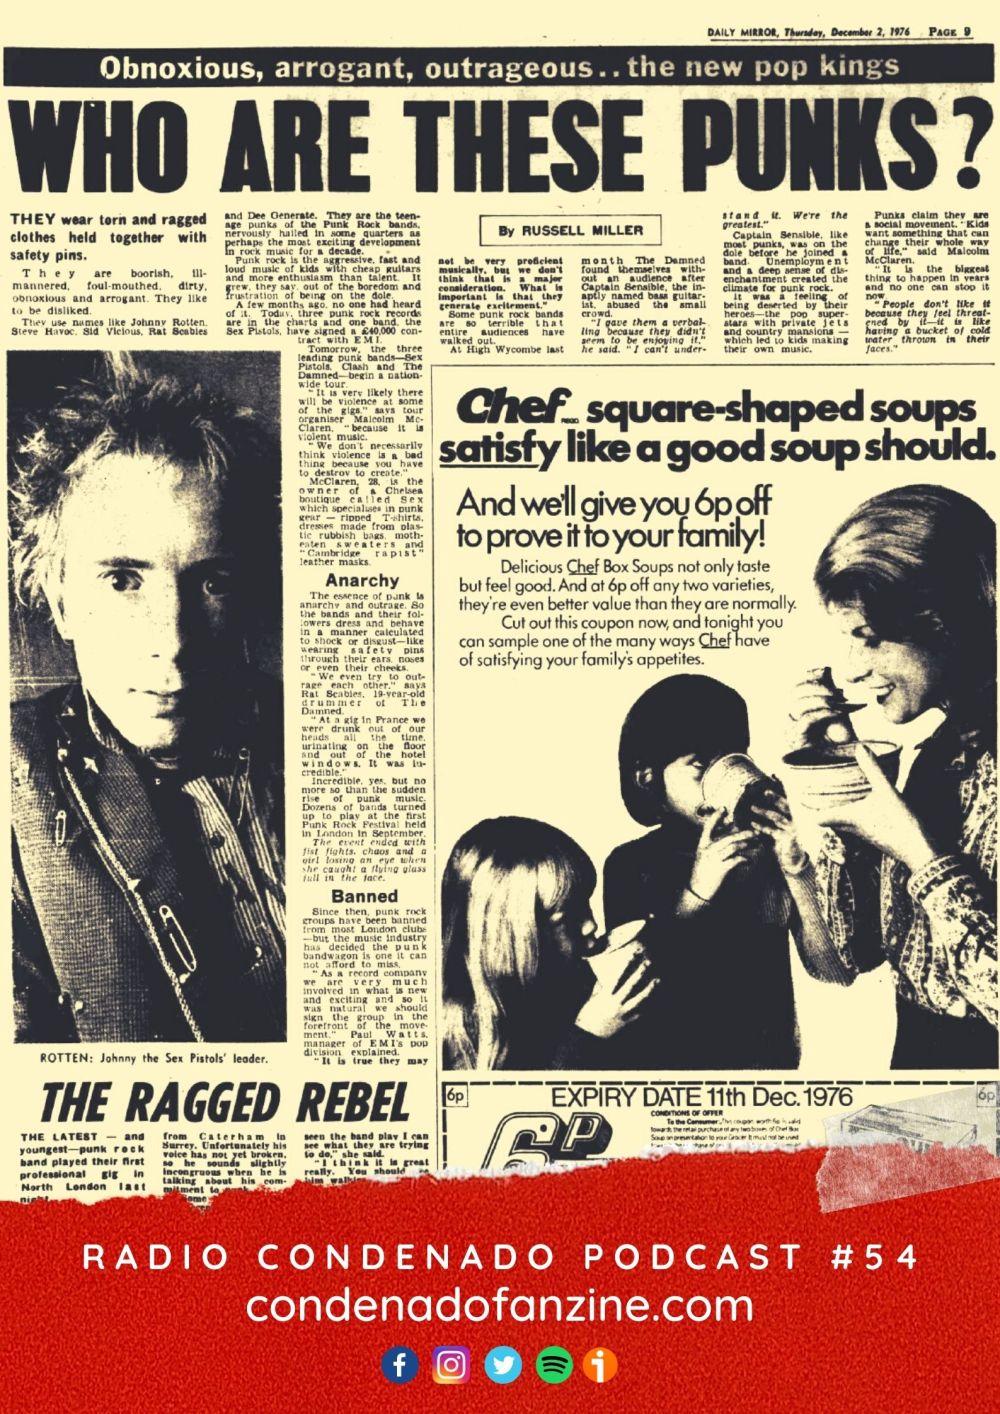 Cartel de Radio Condenado #54 | Y con ellos llegó el escándalo... ¡Sex Pistols!